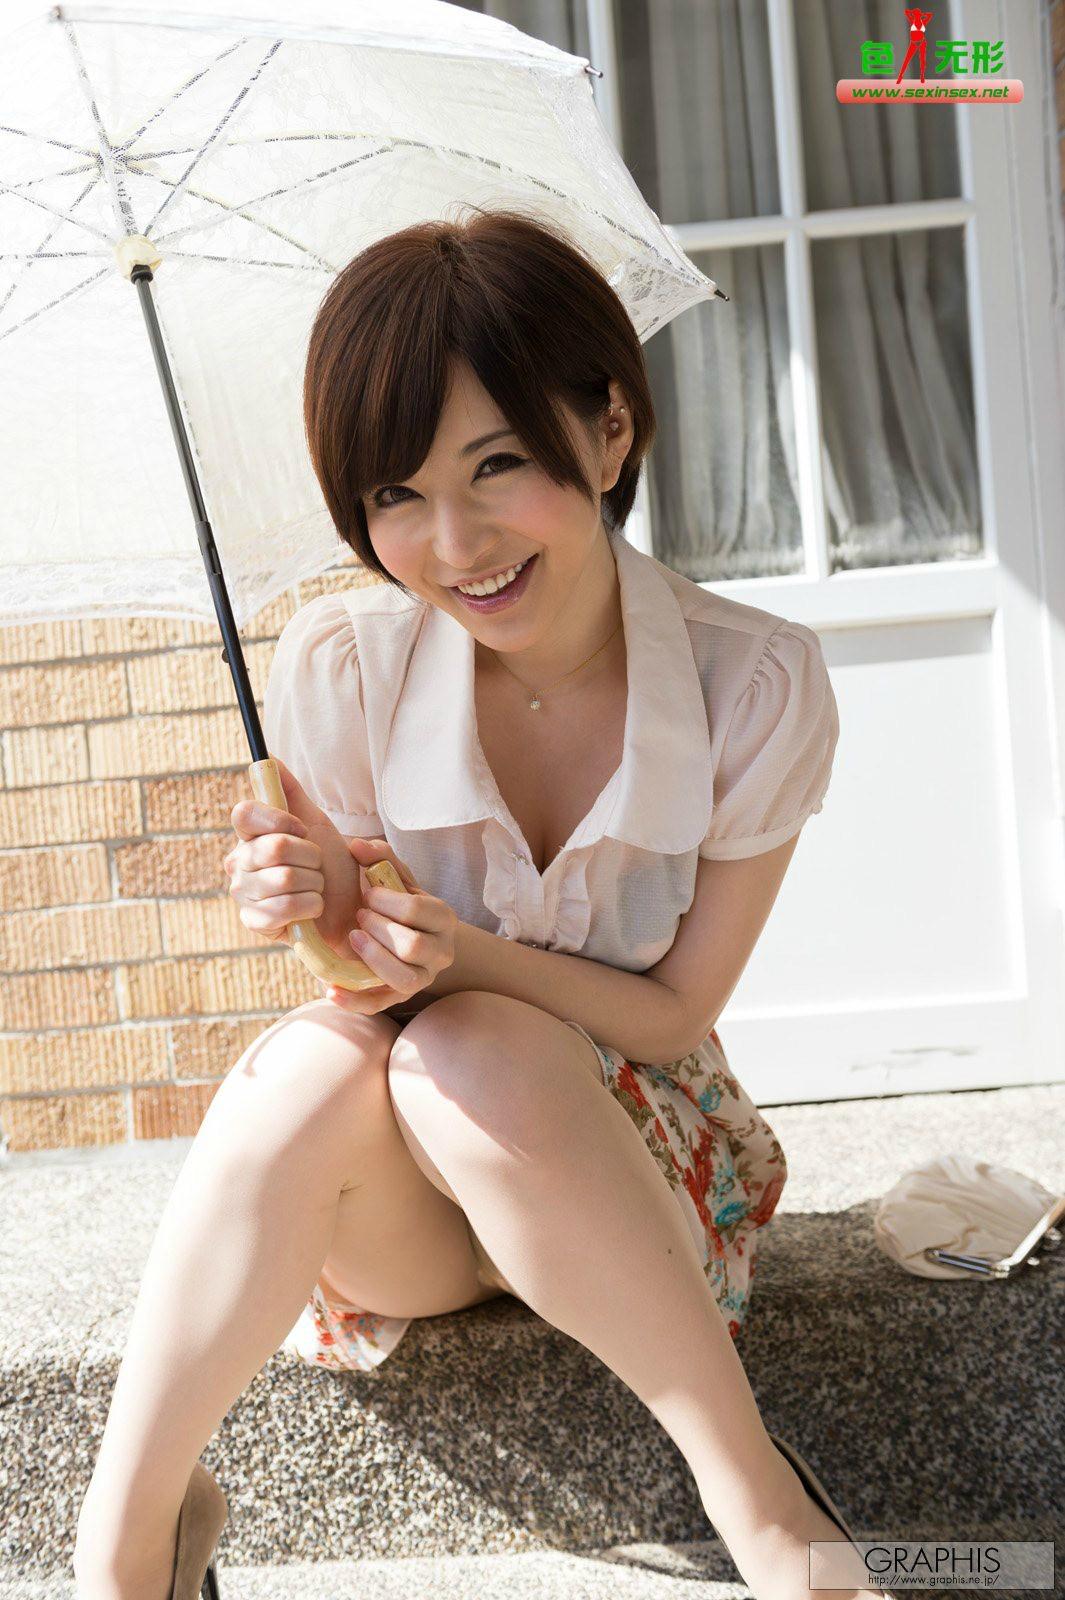 求助!这个日本女人叫什么?